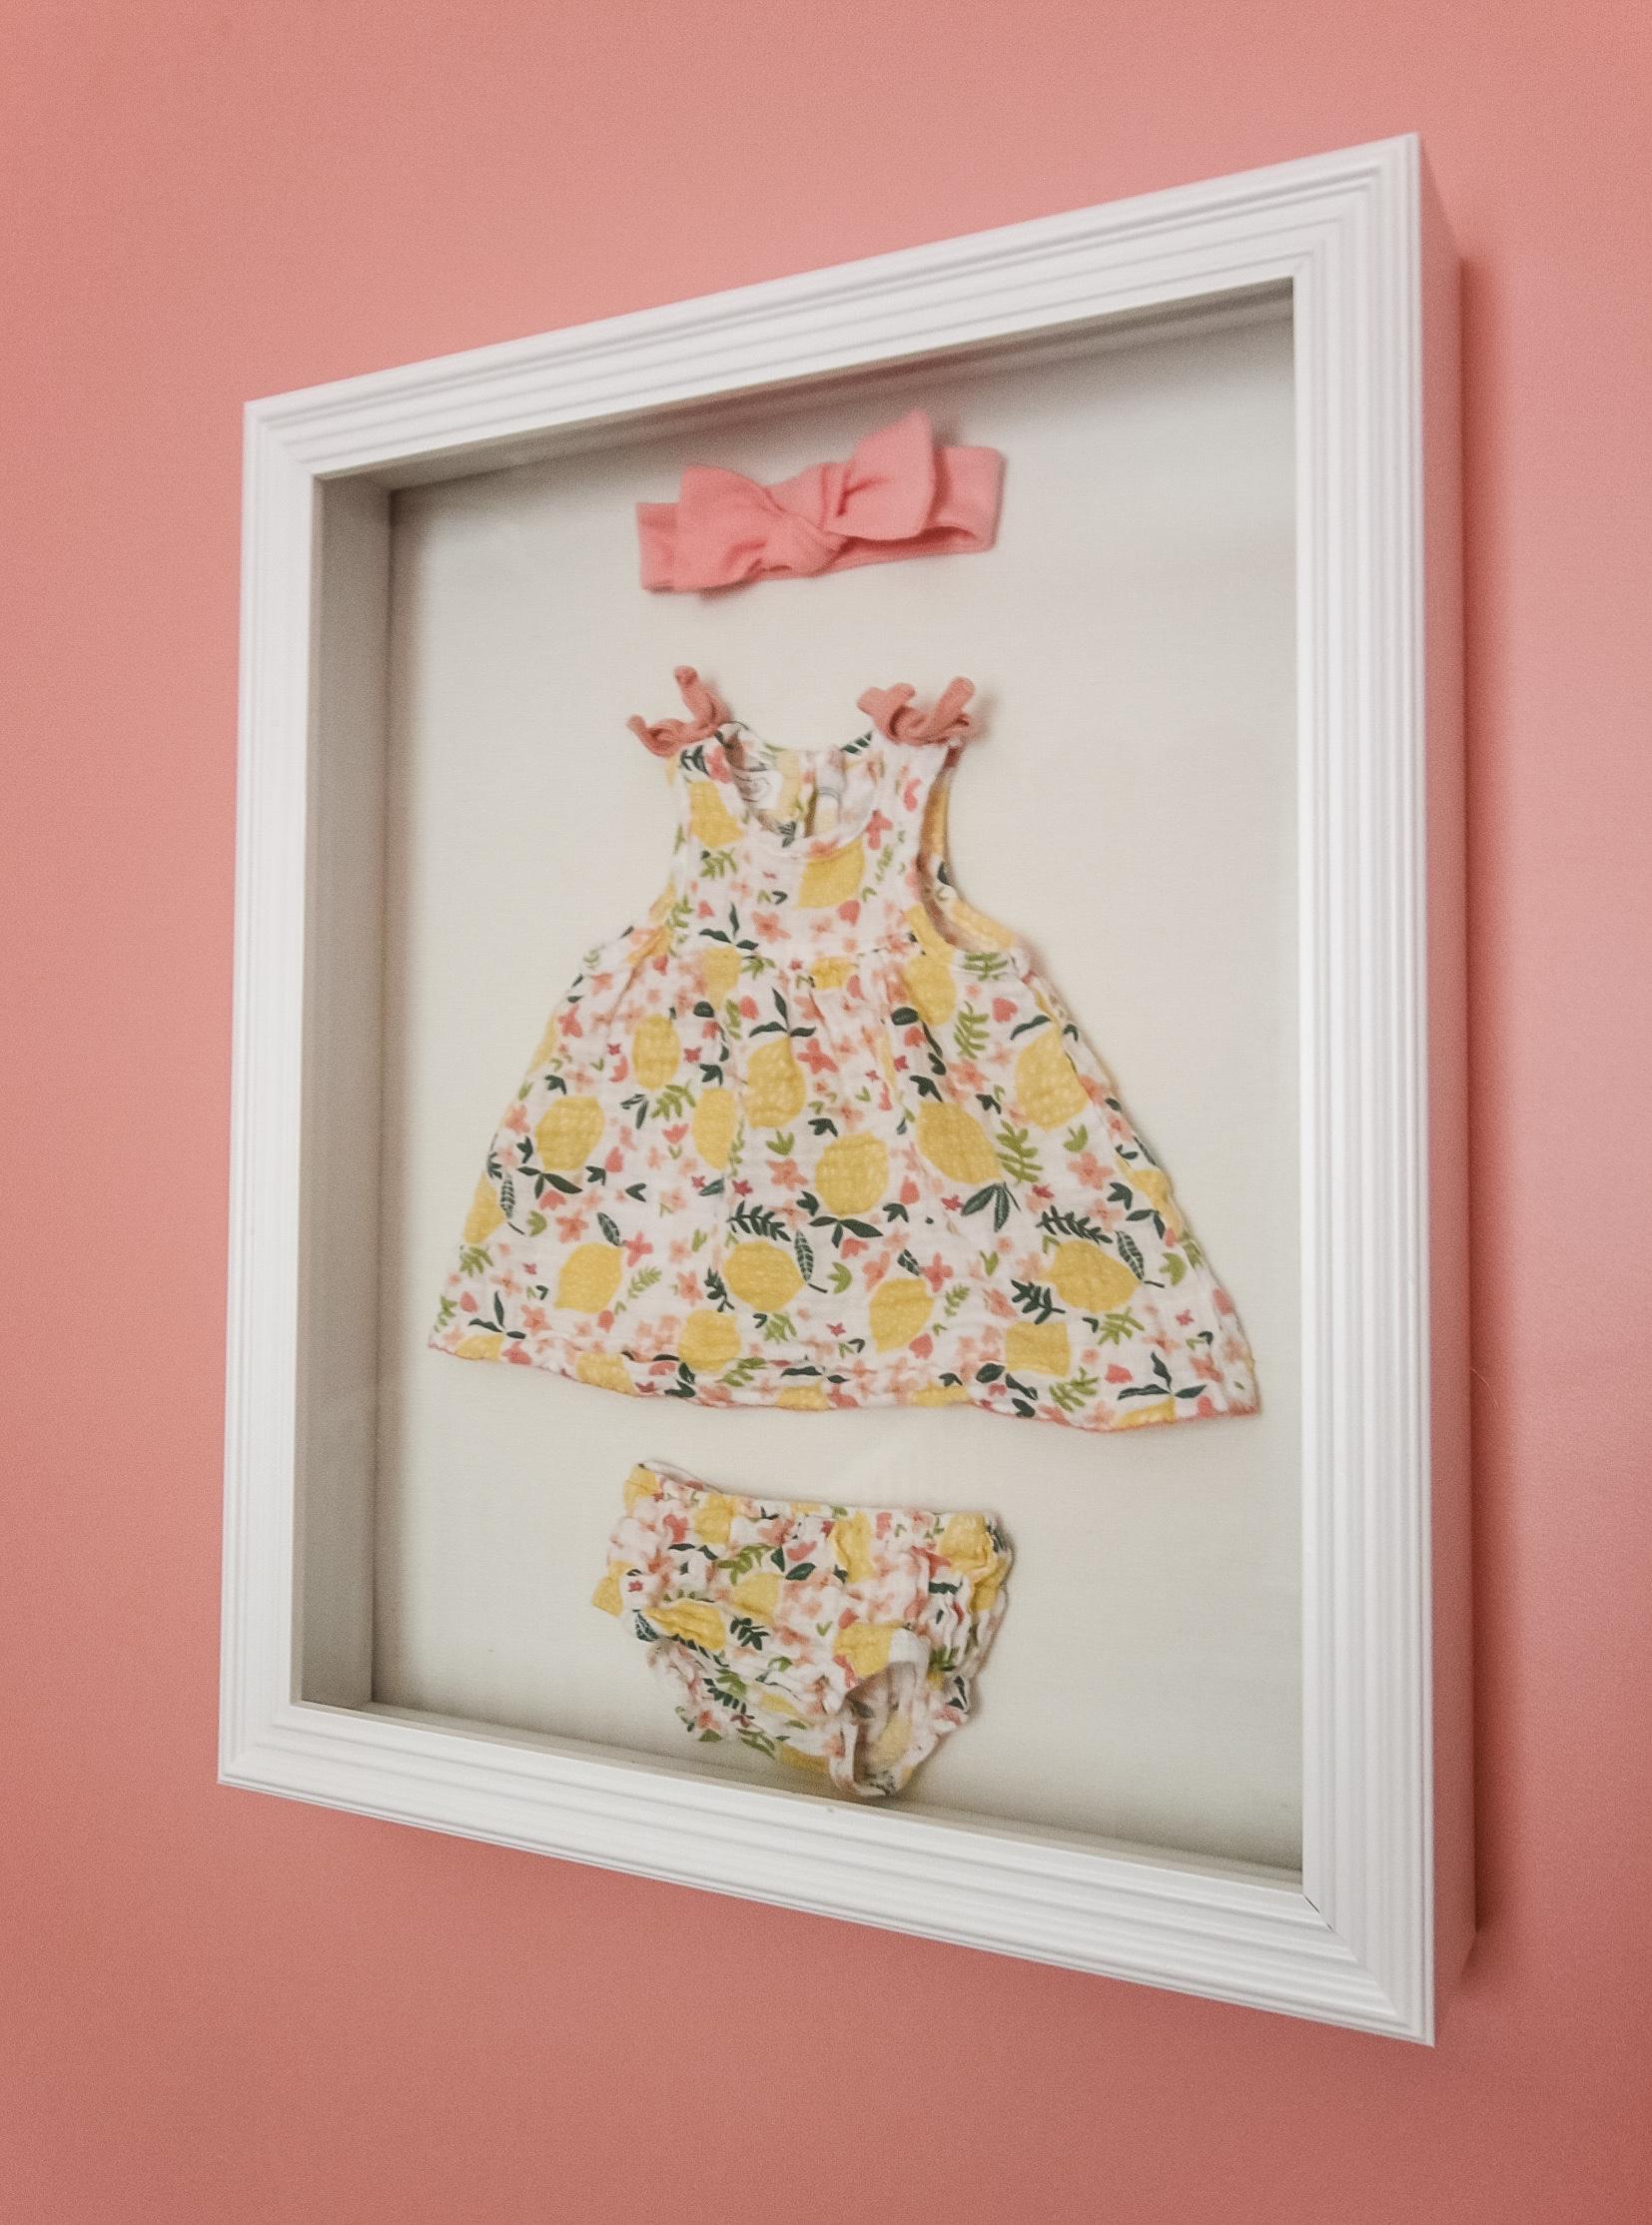 DIY newborn hospital outfit shadow box